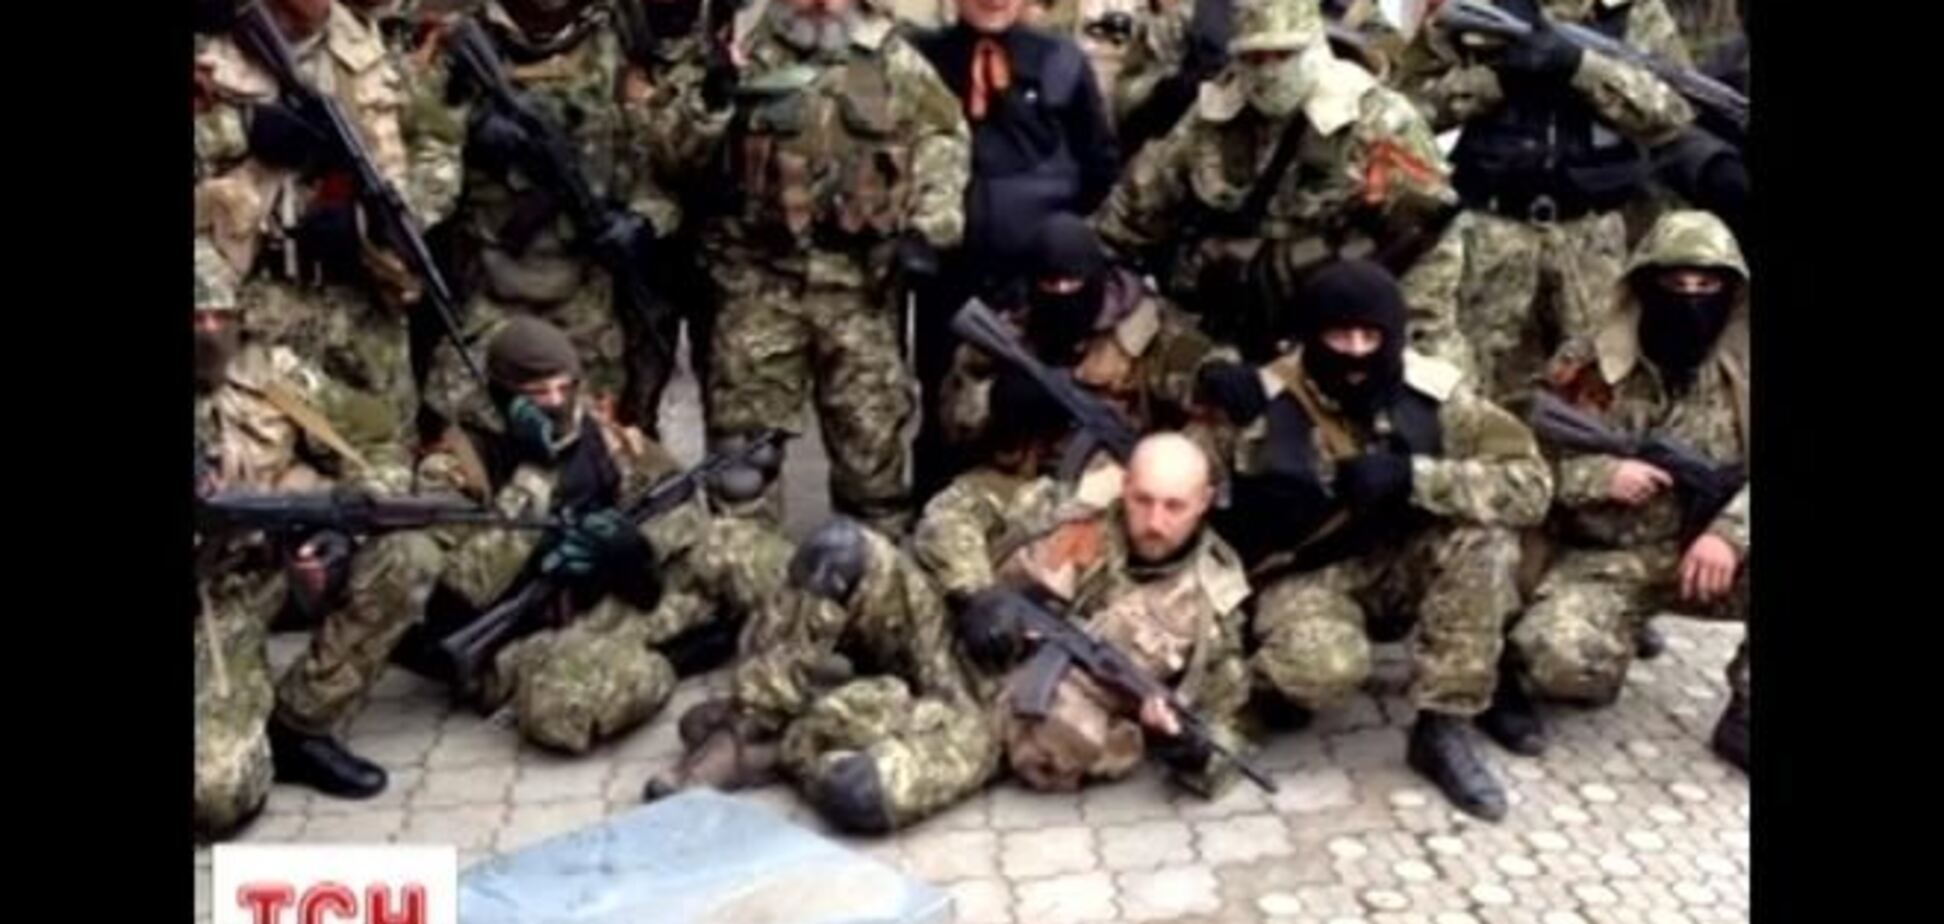 Російський бойовик каже, що приїхав в Донецьк 'допомагати братньому народу'